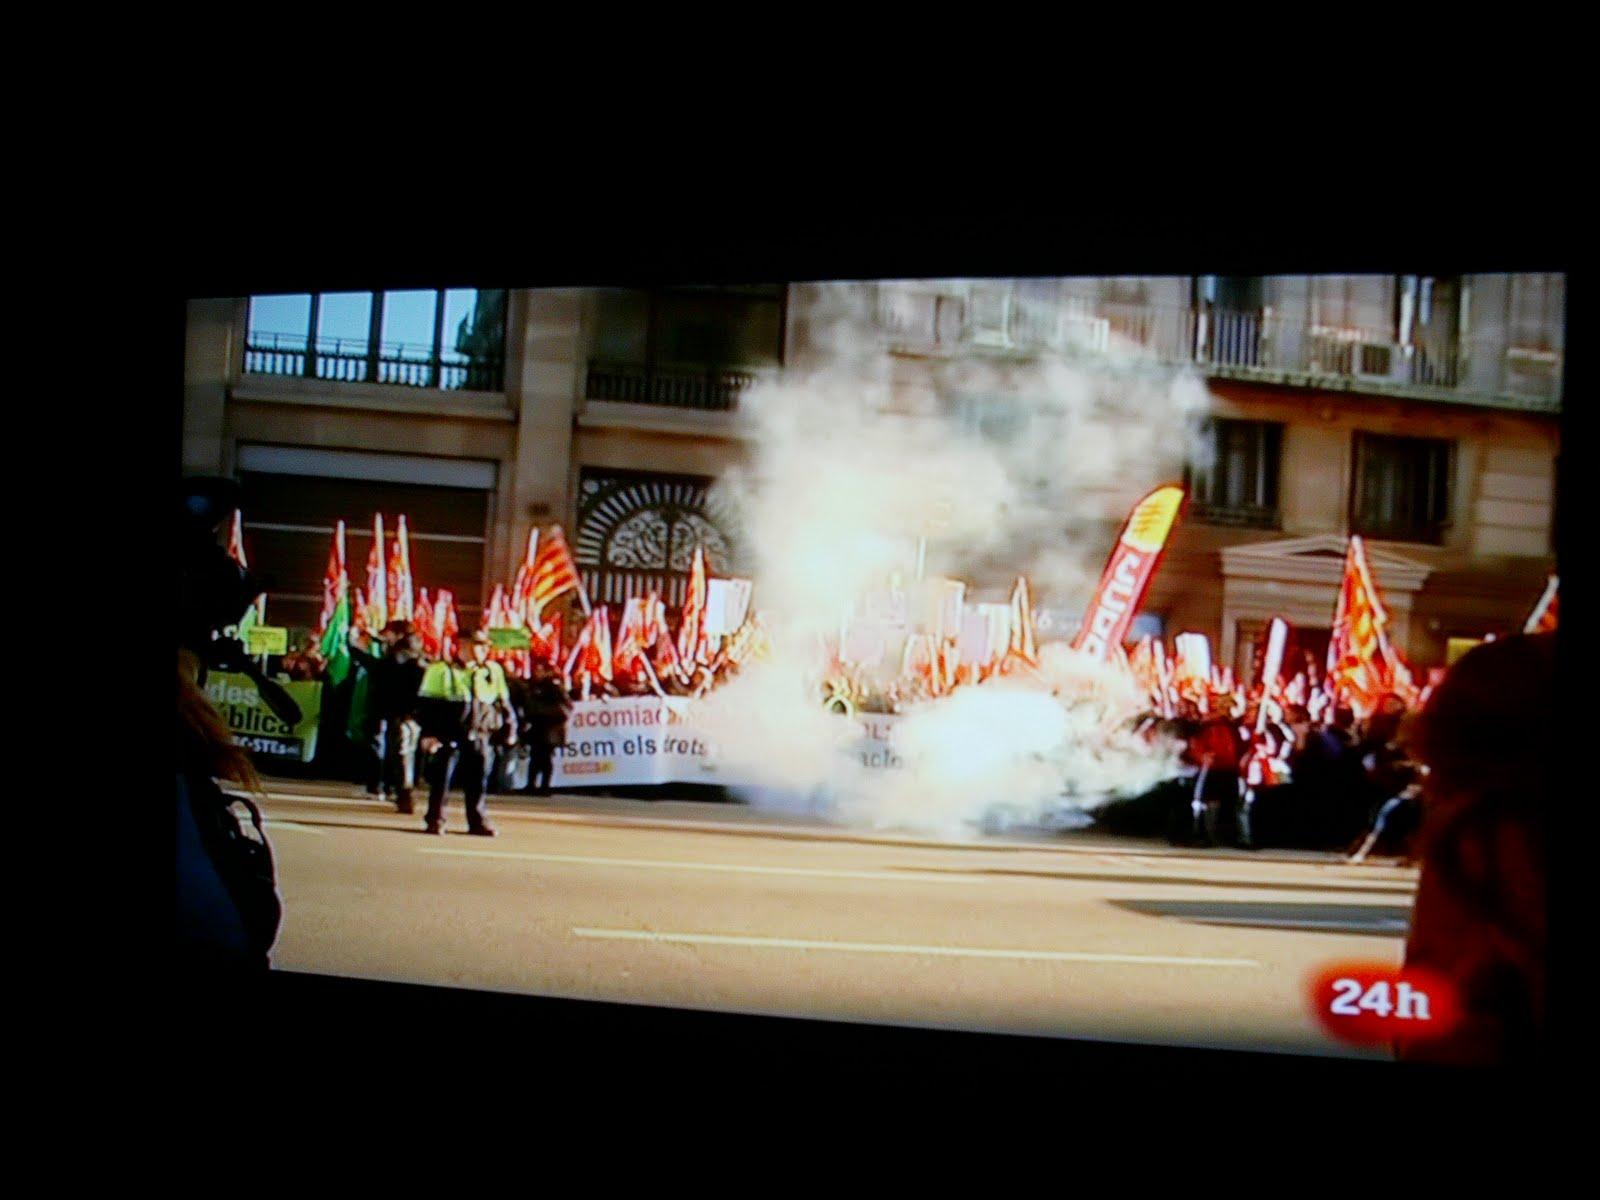 La gran corrupci n montilla mantendr su oficina de ex president siendo senador - Oficina hacienda barcelona ...